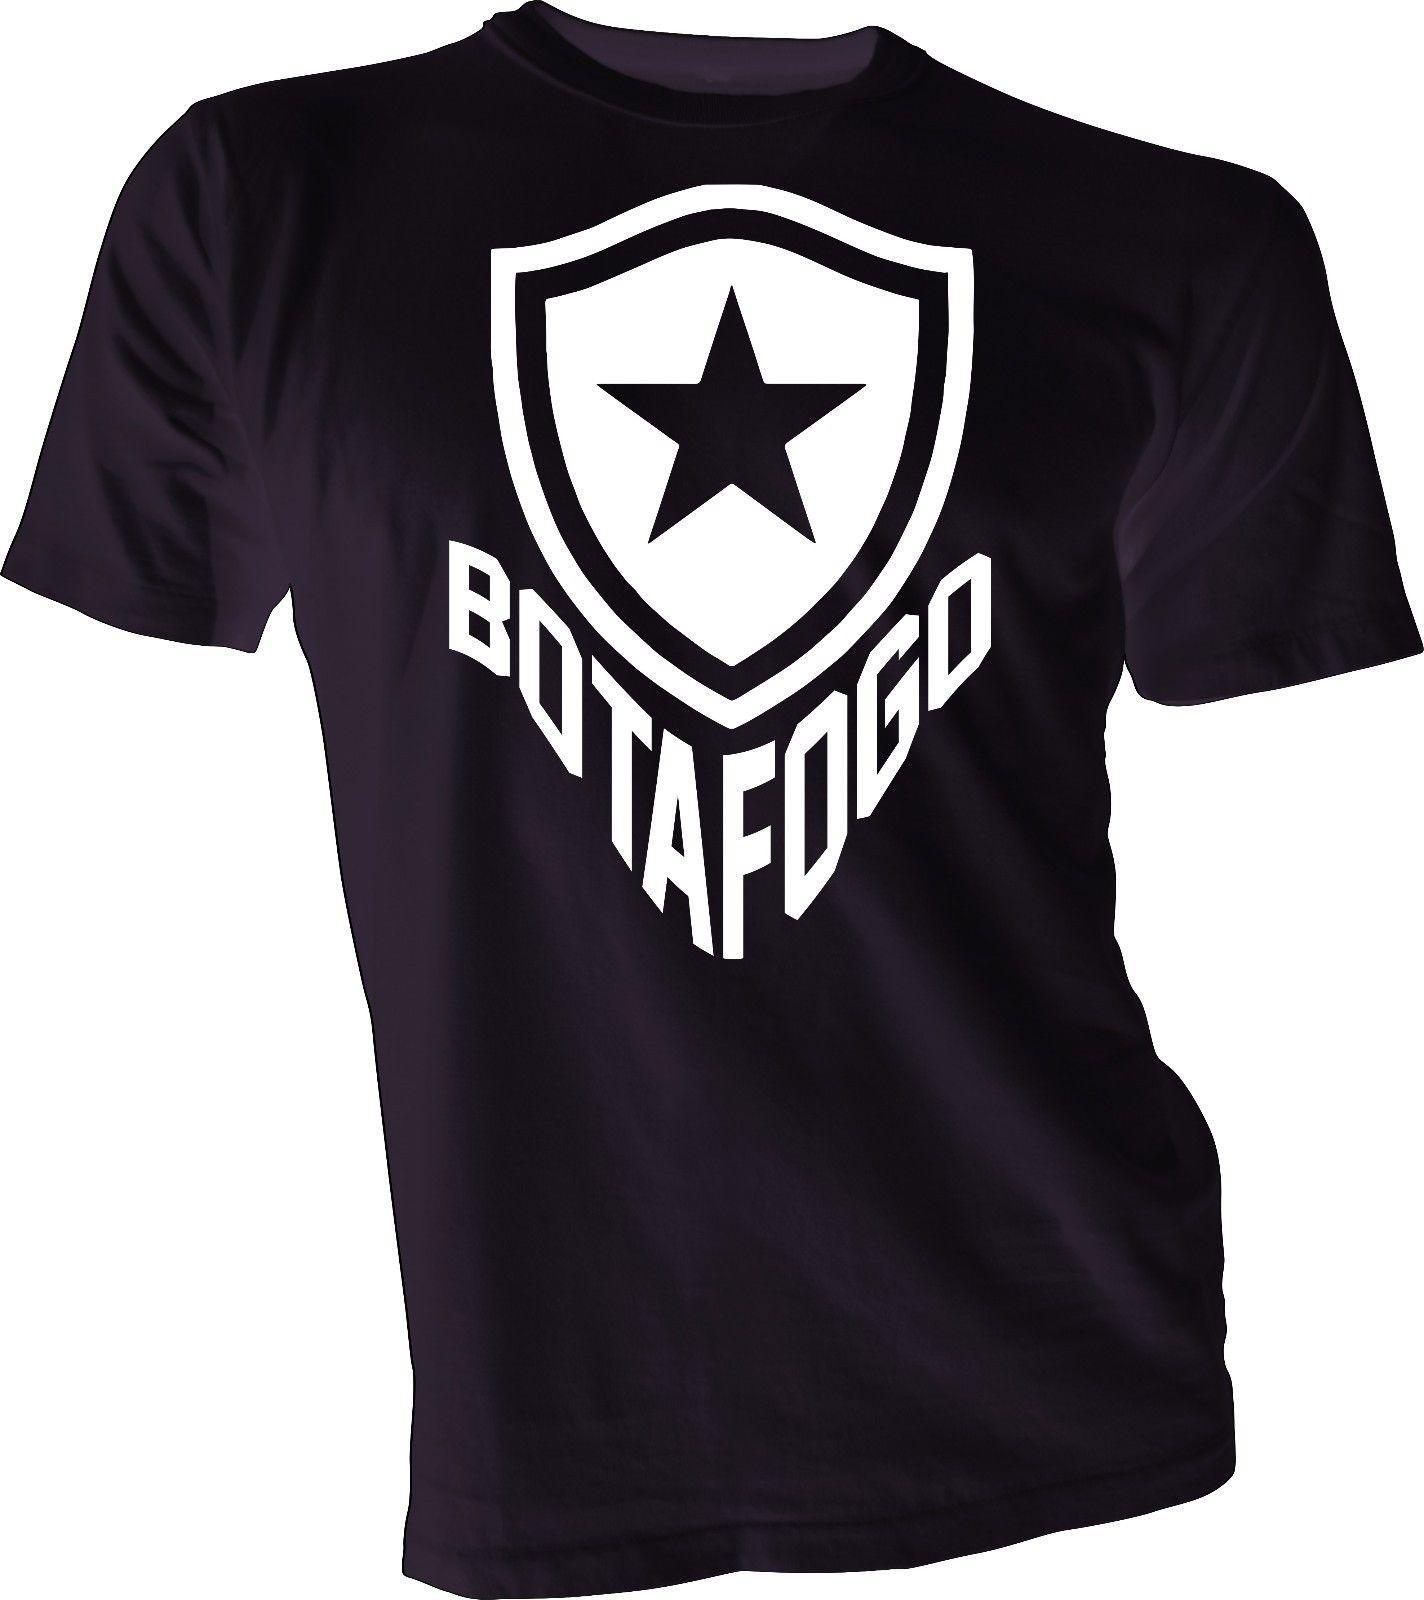 Compre Botafogo Brasil Futebol Futebol Futbol Camiseta Camisa Estrela Rio  De Janeiro Unisex Engraçado Frete Grátis Unisex Presente Ocasional De ... c591e8e73fb8c